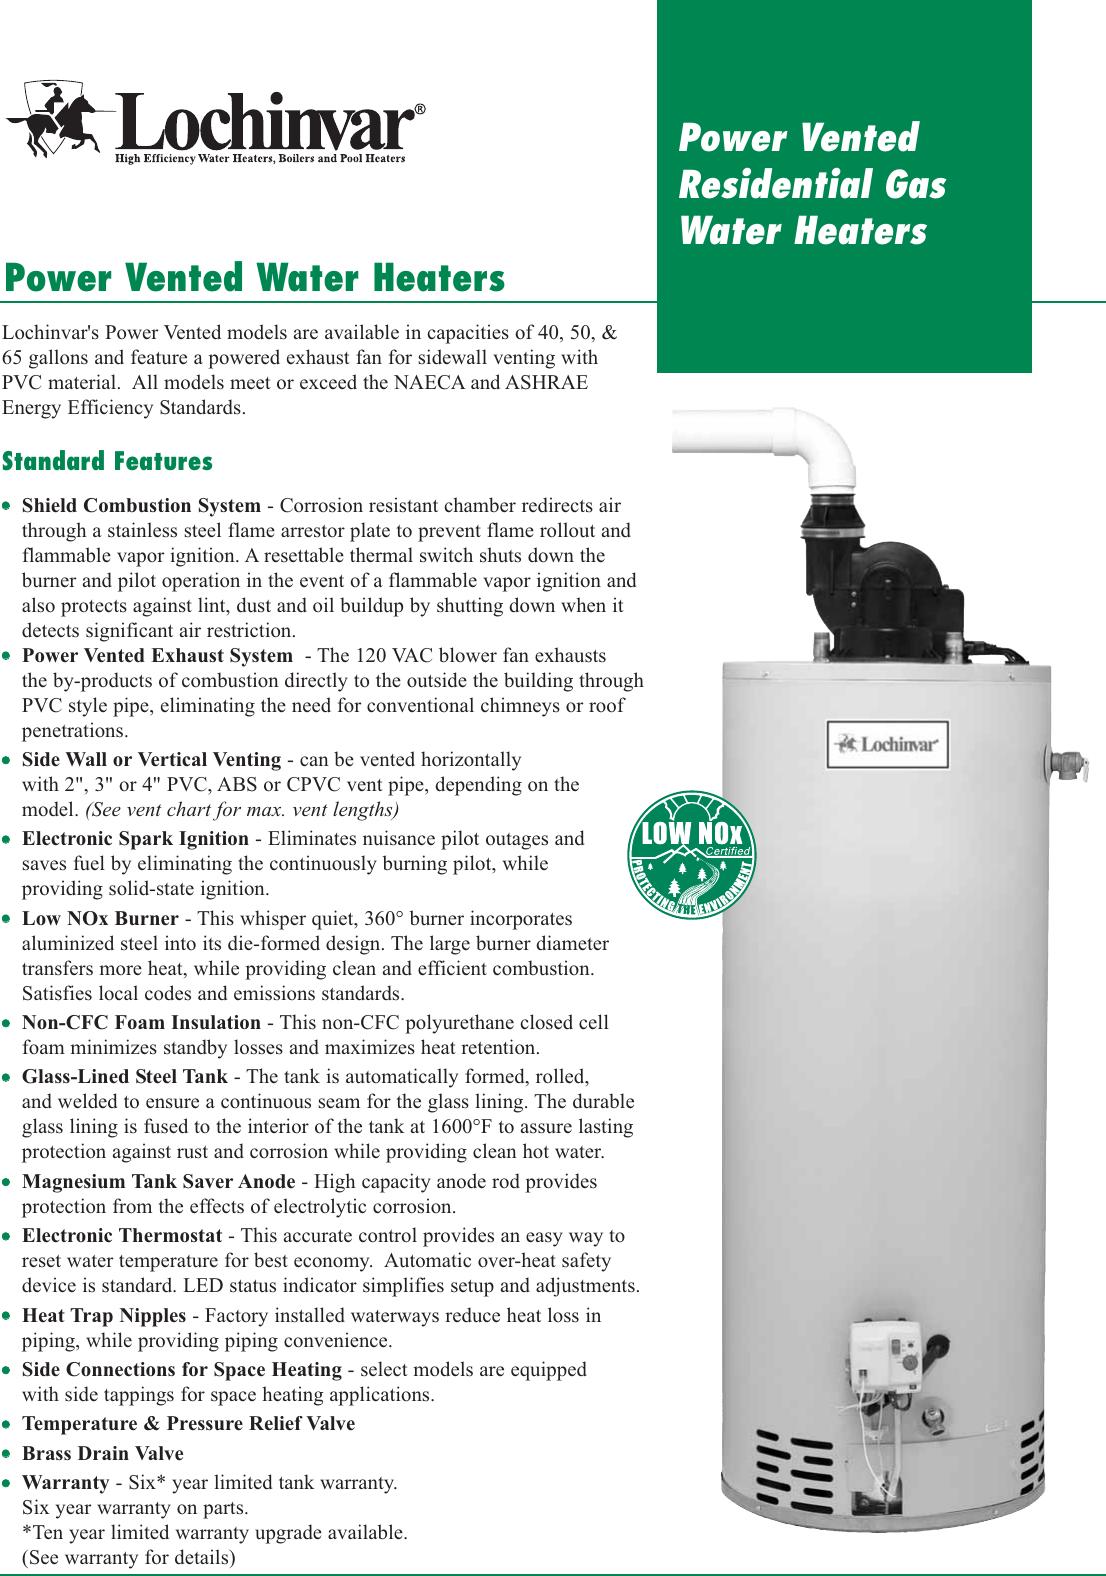 Lochinvar Power Vent Residential Water Heater Tech Sheet